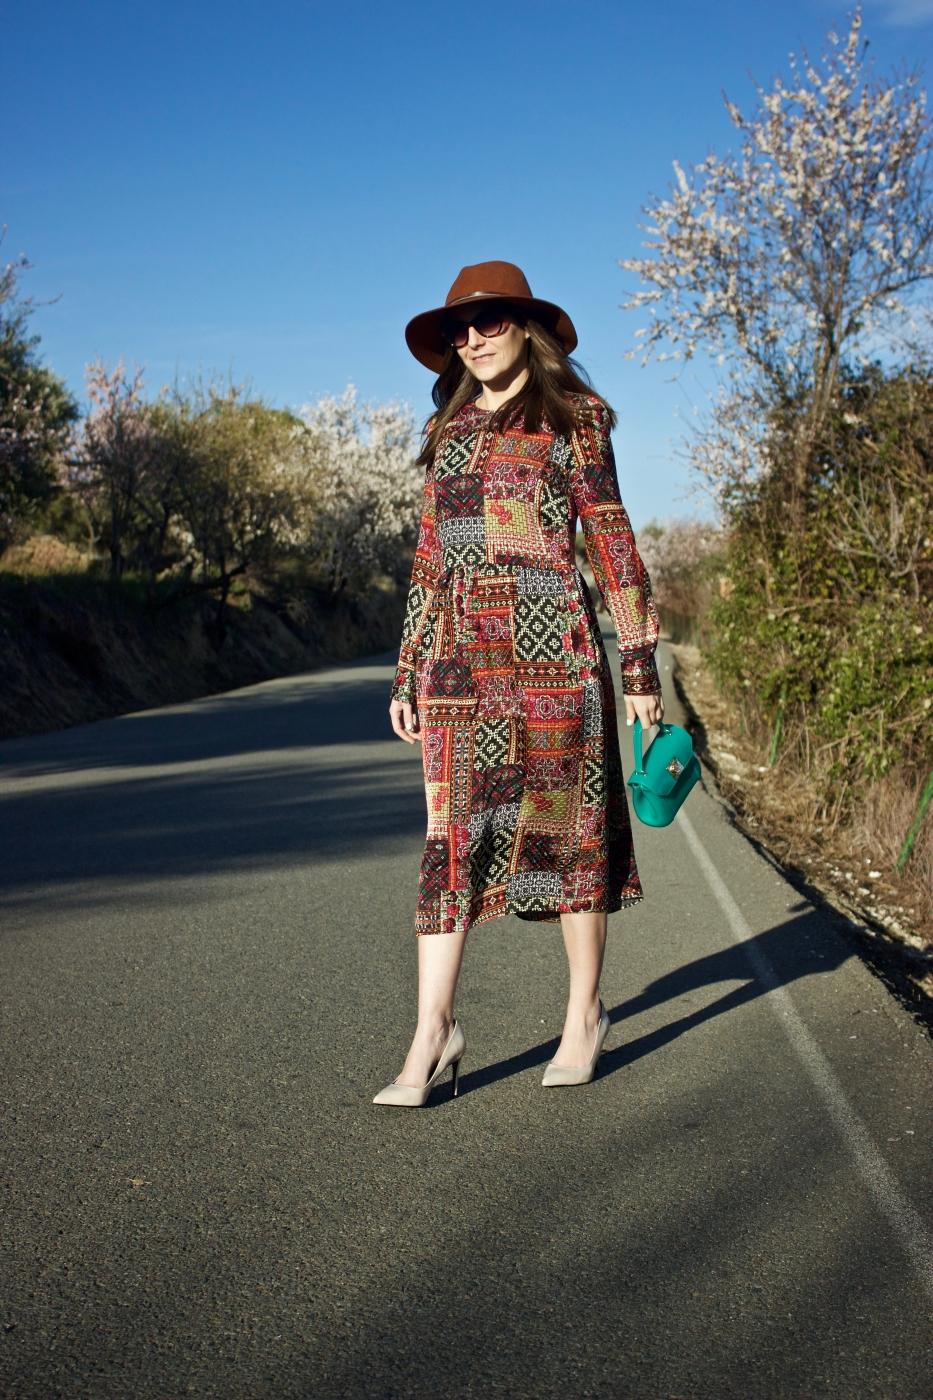 lara-vazquez-madlula-style-fashionblog-moda-streetstyle-winter-dress-ootd